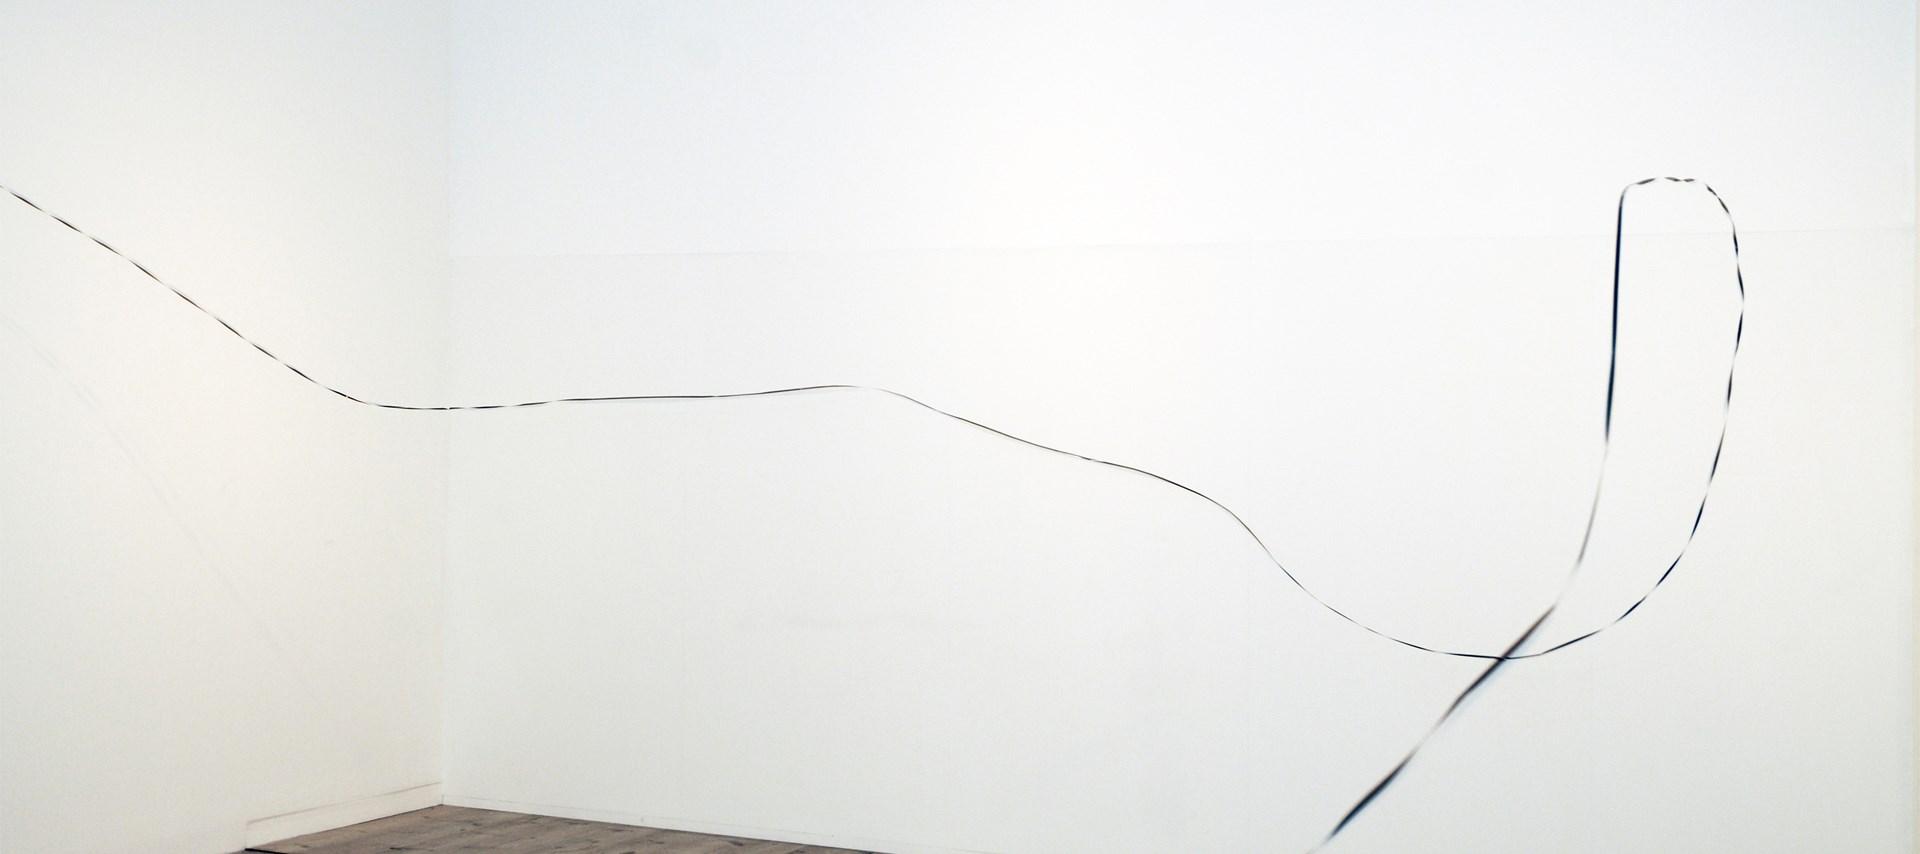 Žilvinas Kempinas: Airborne:  Installation image (04)